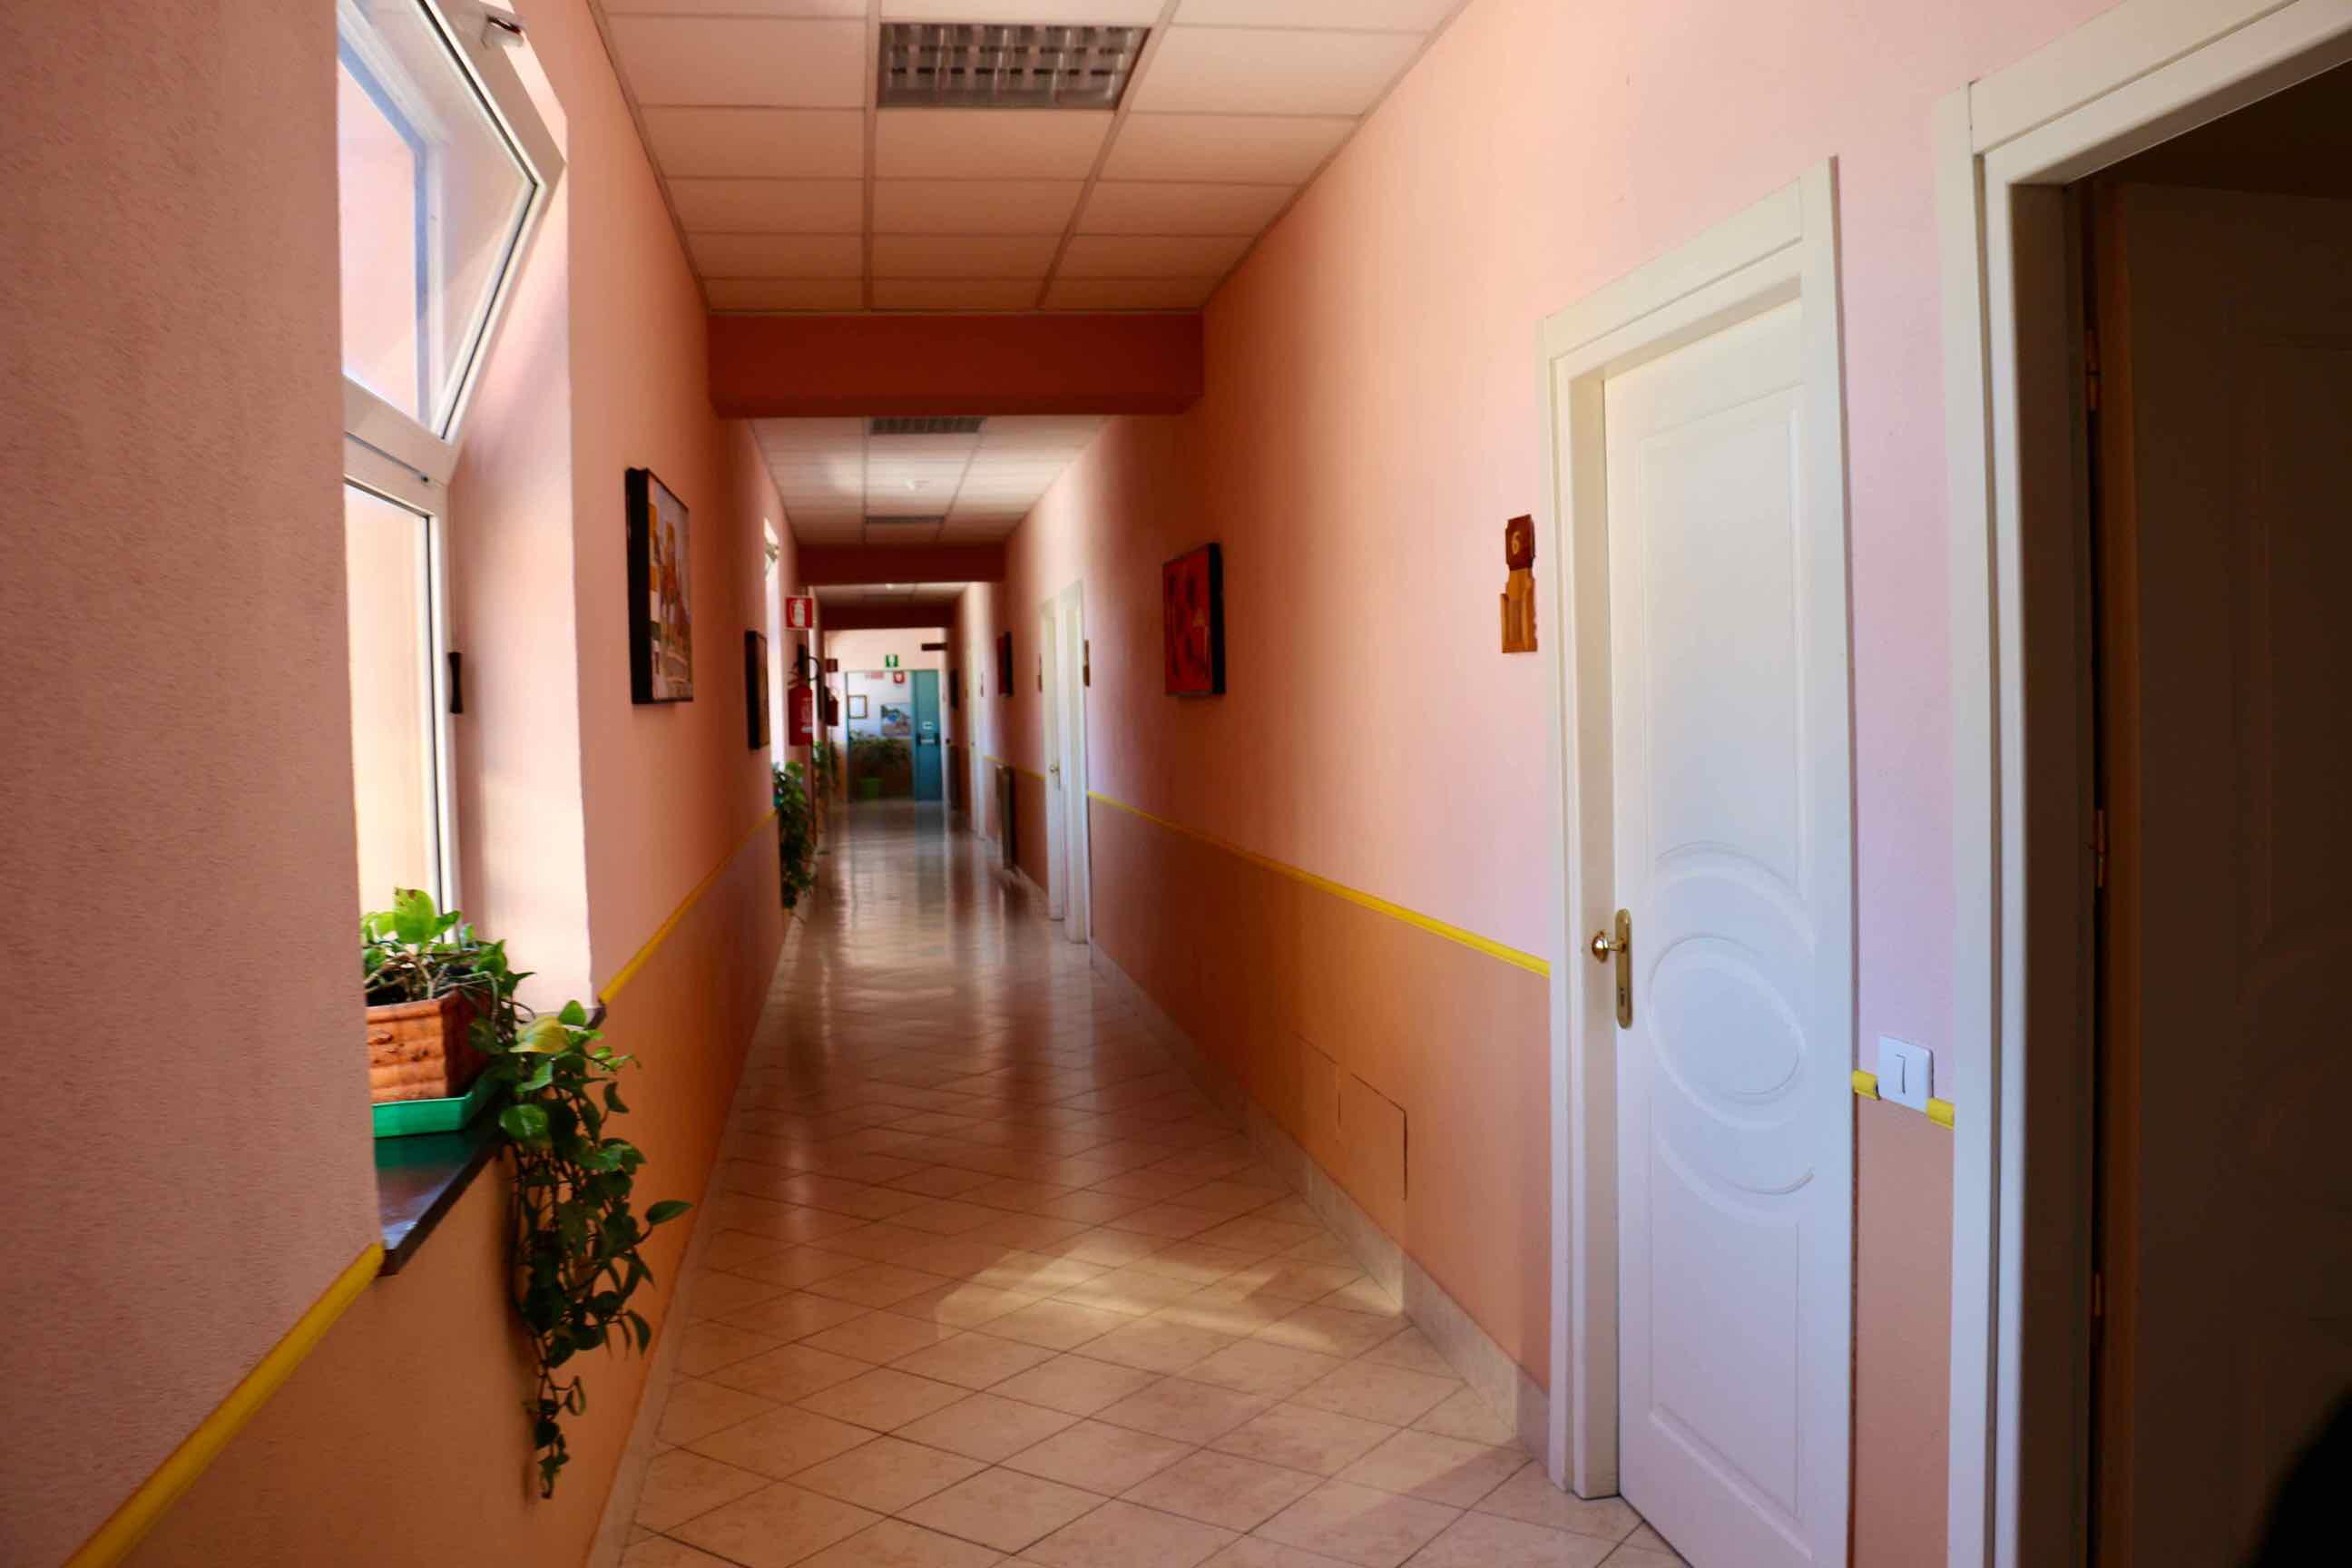 Casa per Ferie Villaggio Ospitale - Centro San Salvatore Villaggio del Ragazzo - 12